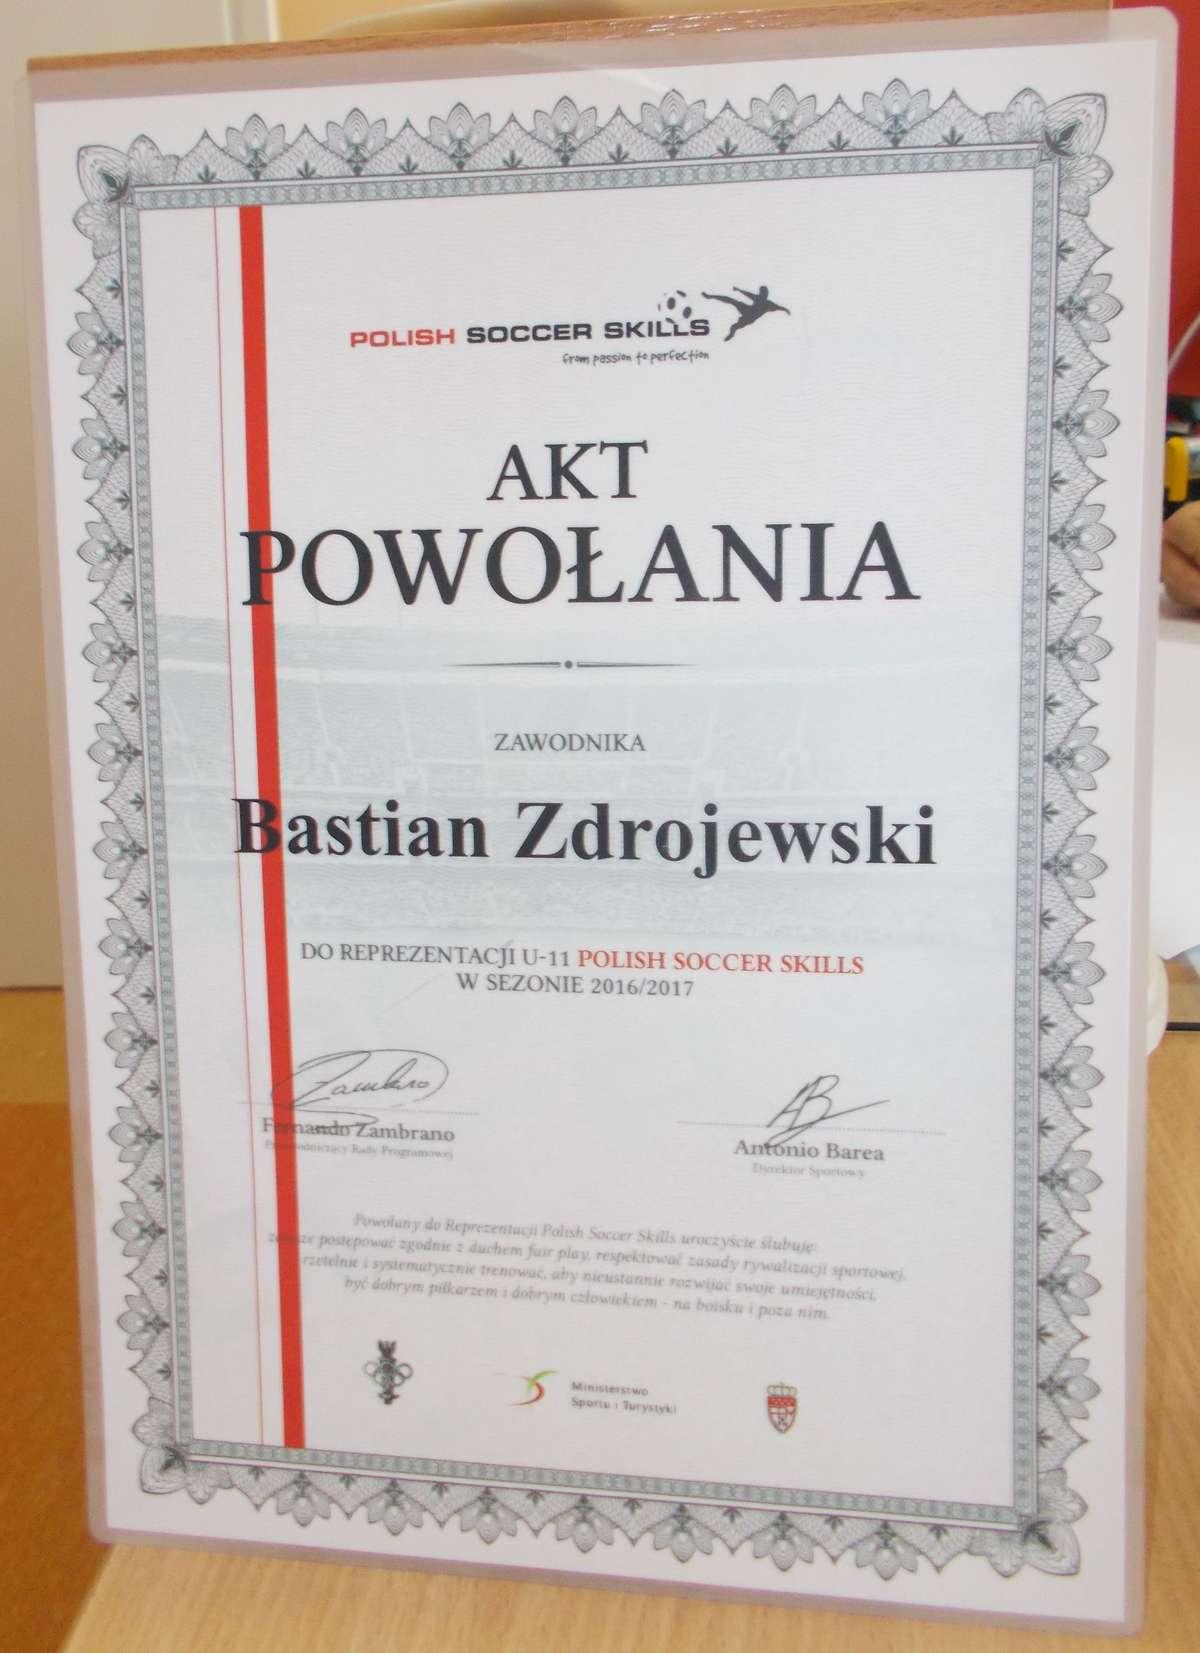 Bastian Zdrojewski dobrze gra w piłkę nożną